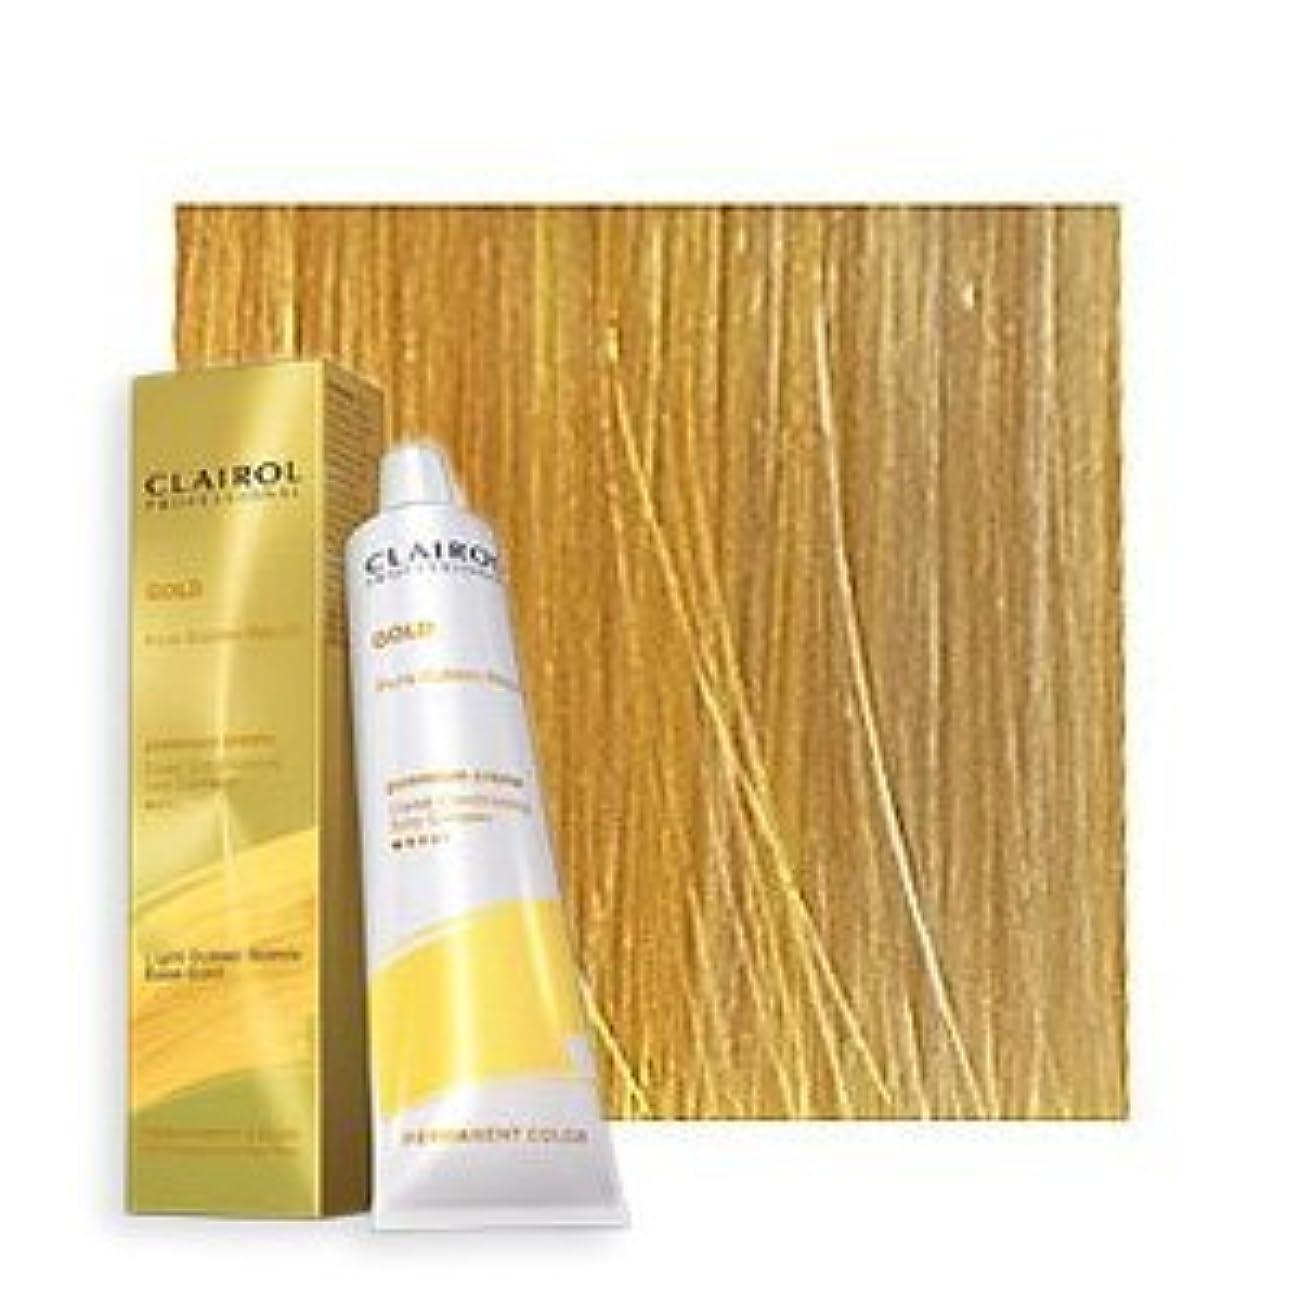 マングルステンレスいとこClairol Professional - SOY4PLEX - Lightest Golden Blonde 10G - 2 oz / 57 g